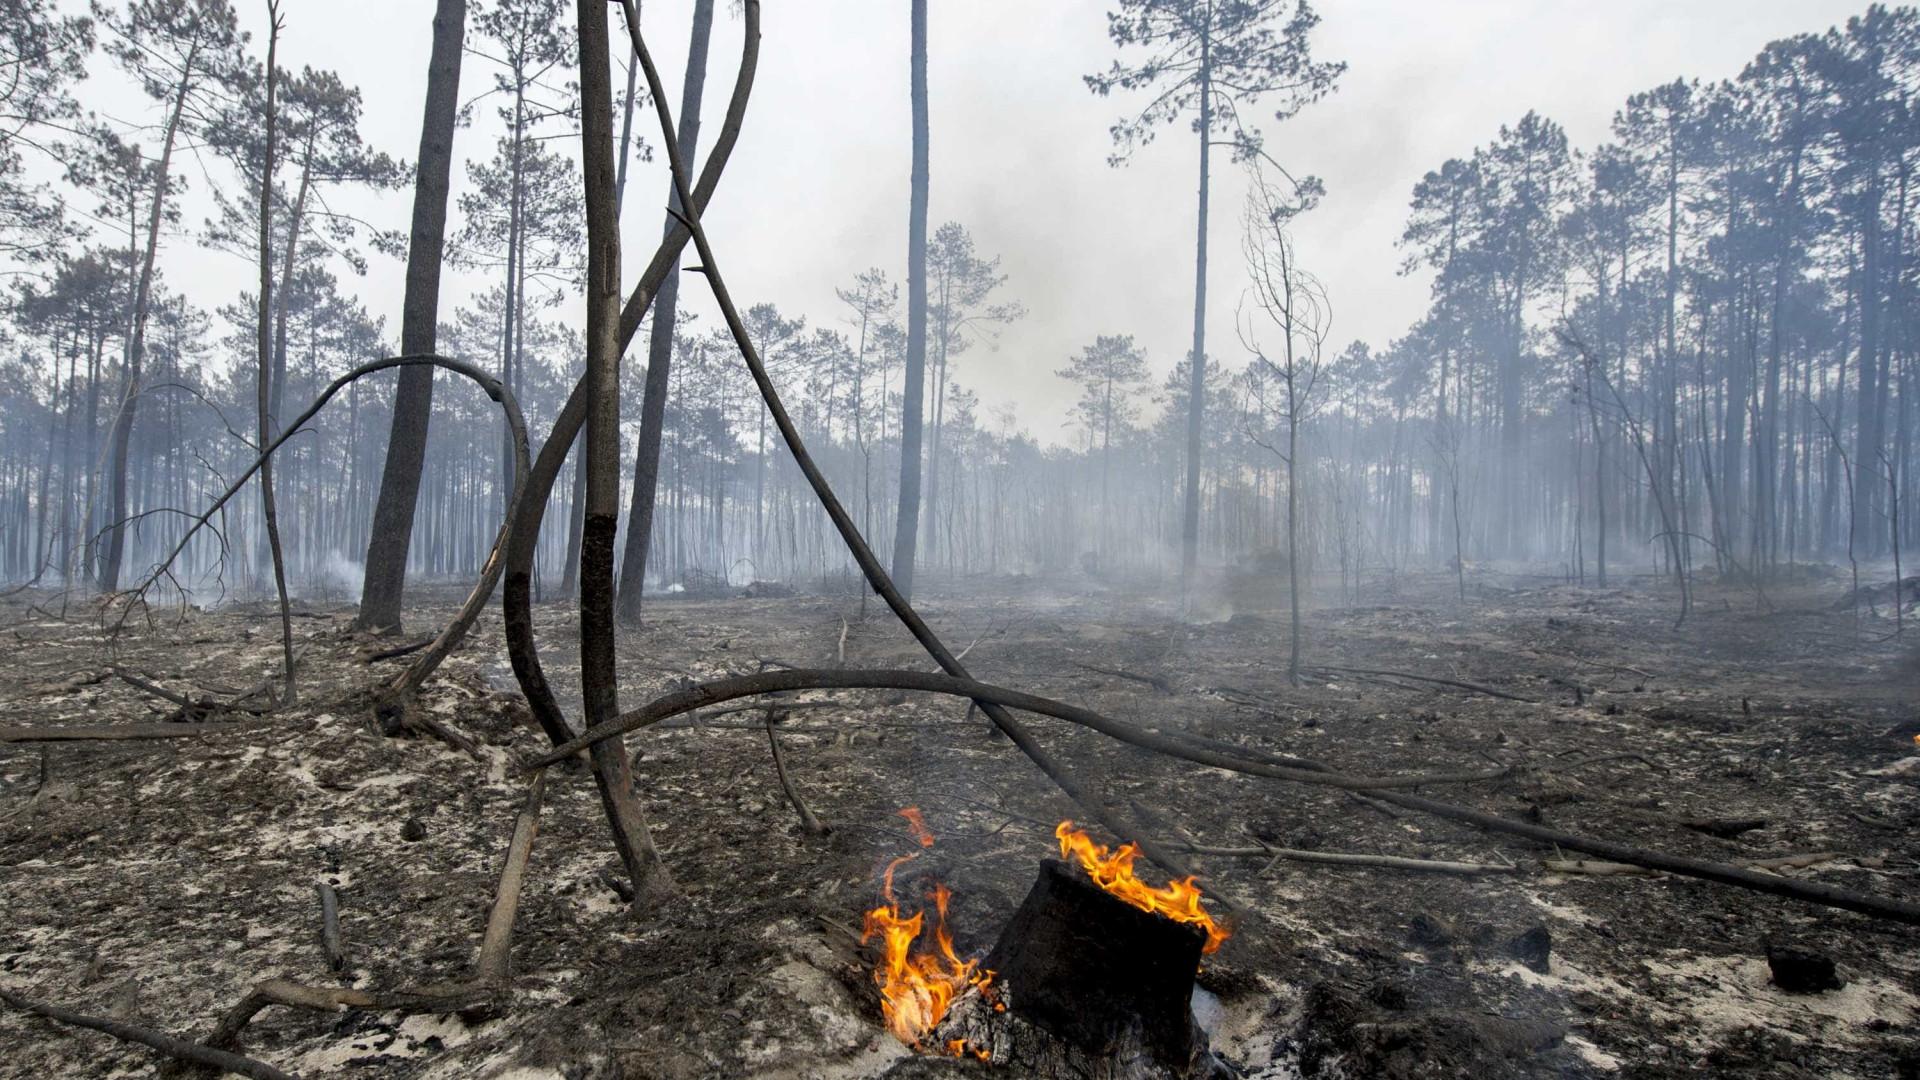 Uso de fogo controlado deve ser equacionado nas áreas protegidas